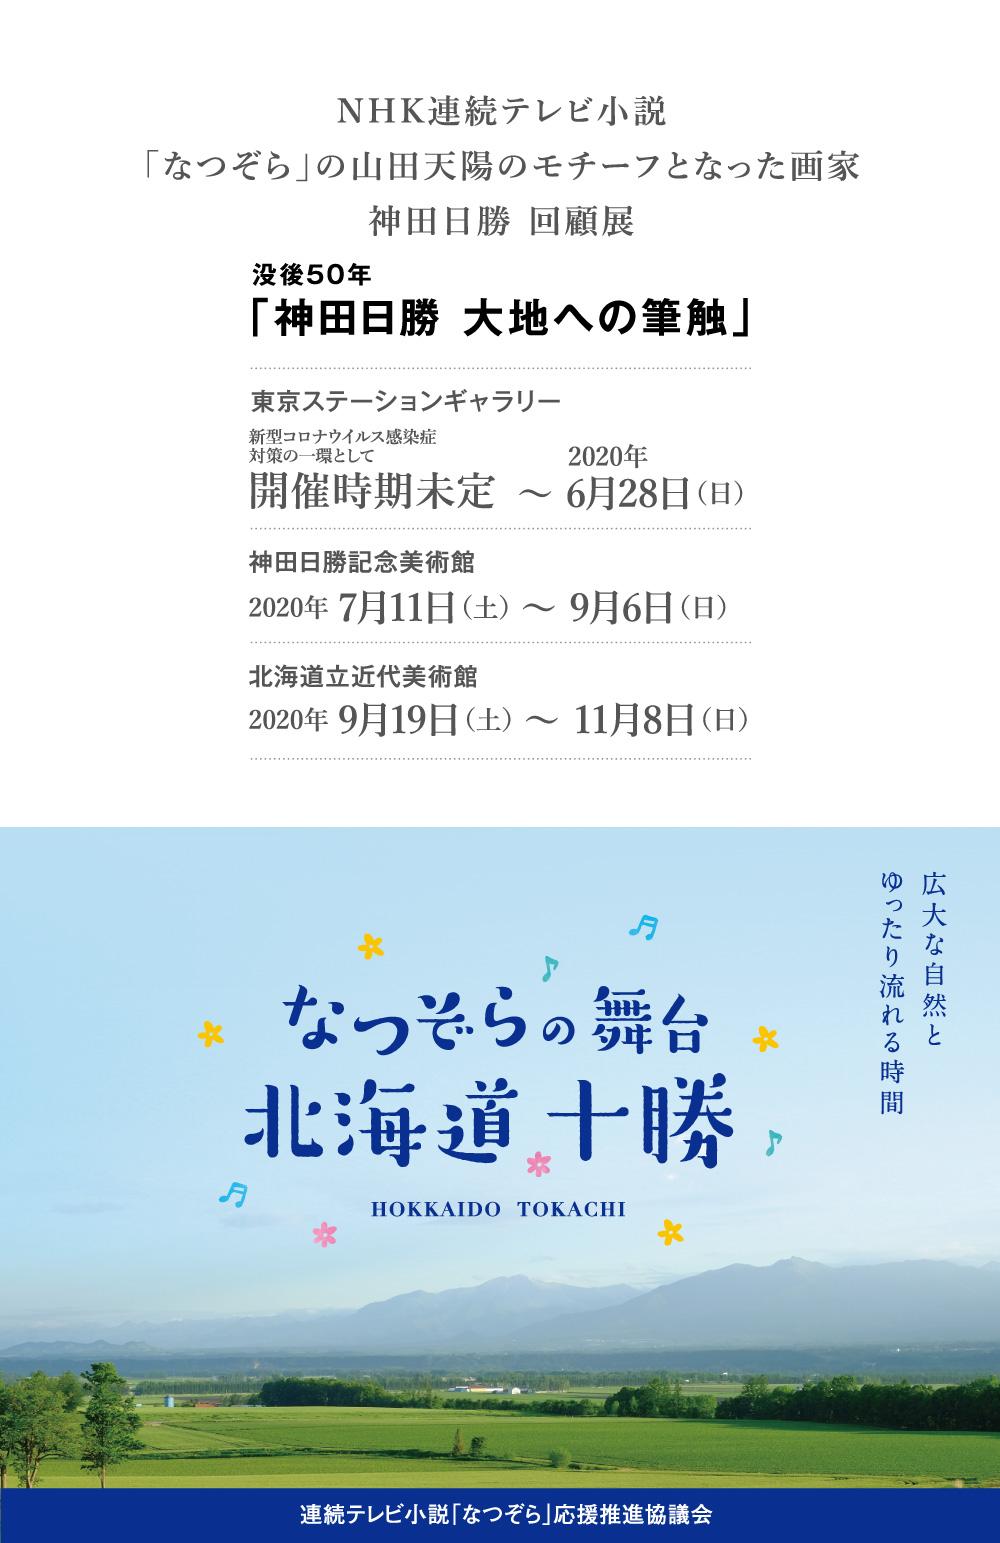 「神田日勝 大地への筆触」 なつぞらの舞台 北海道十勝